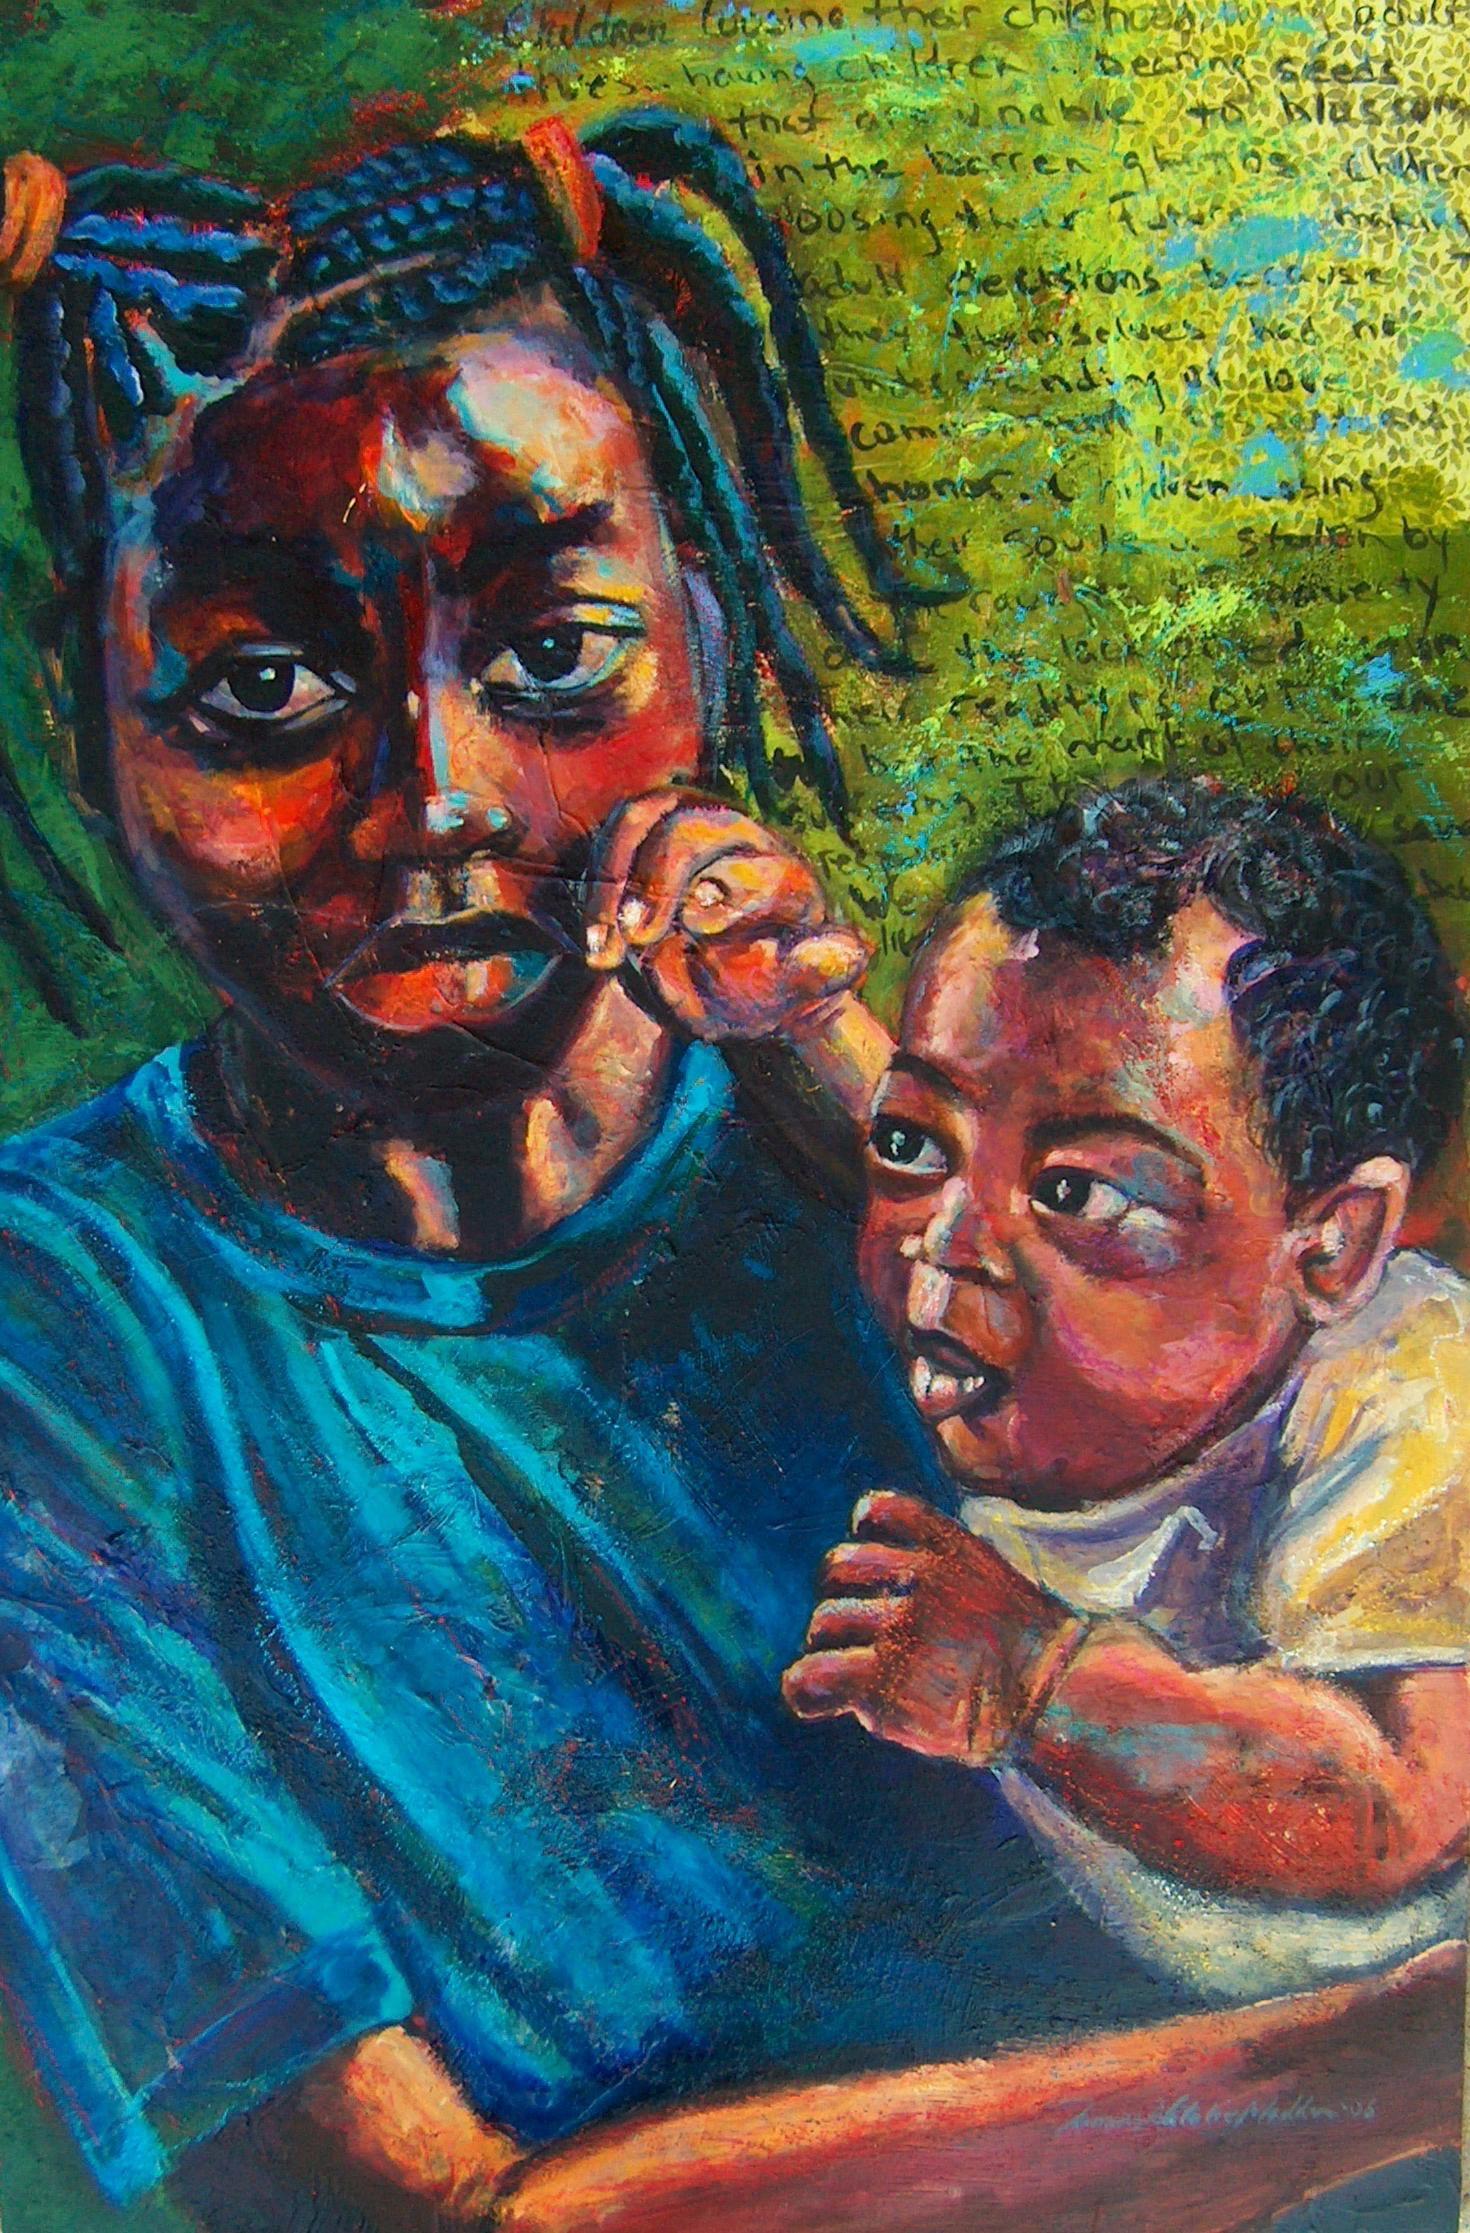 Child Mother, by Tamara Madden